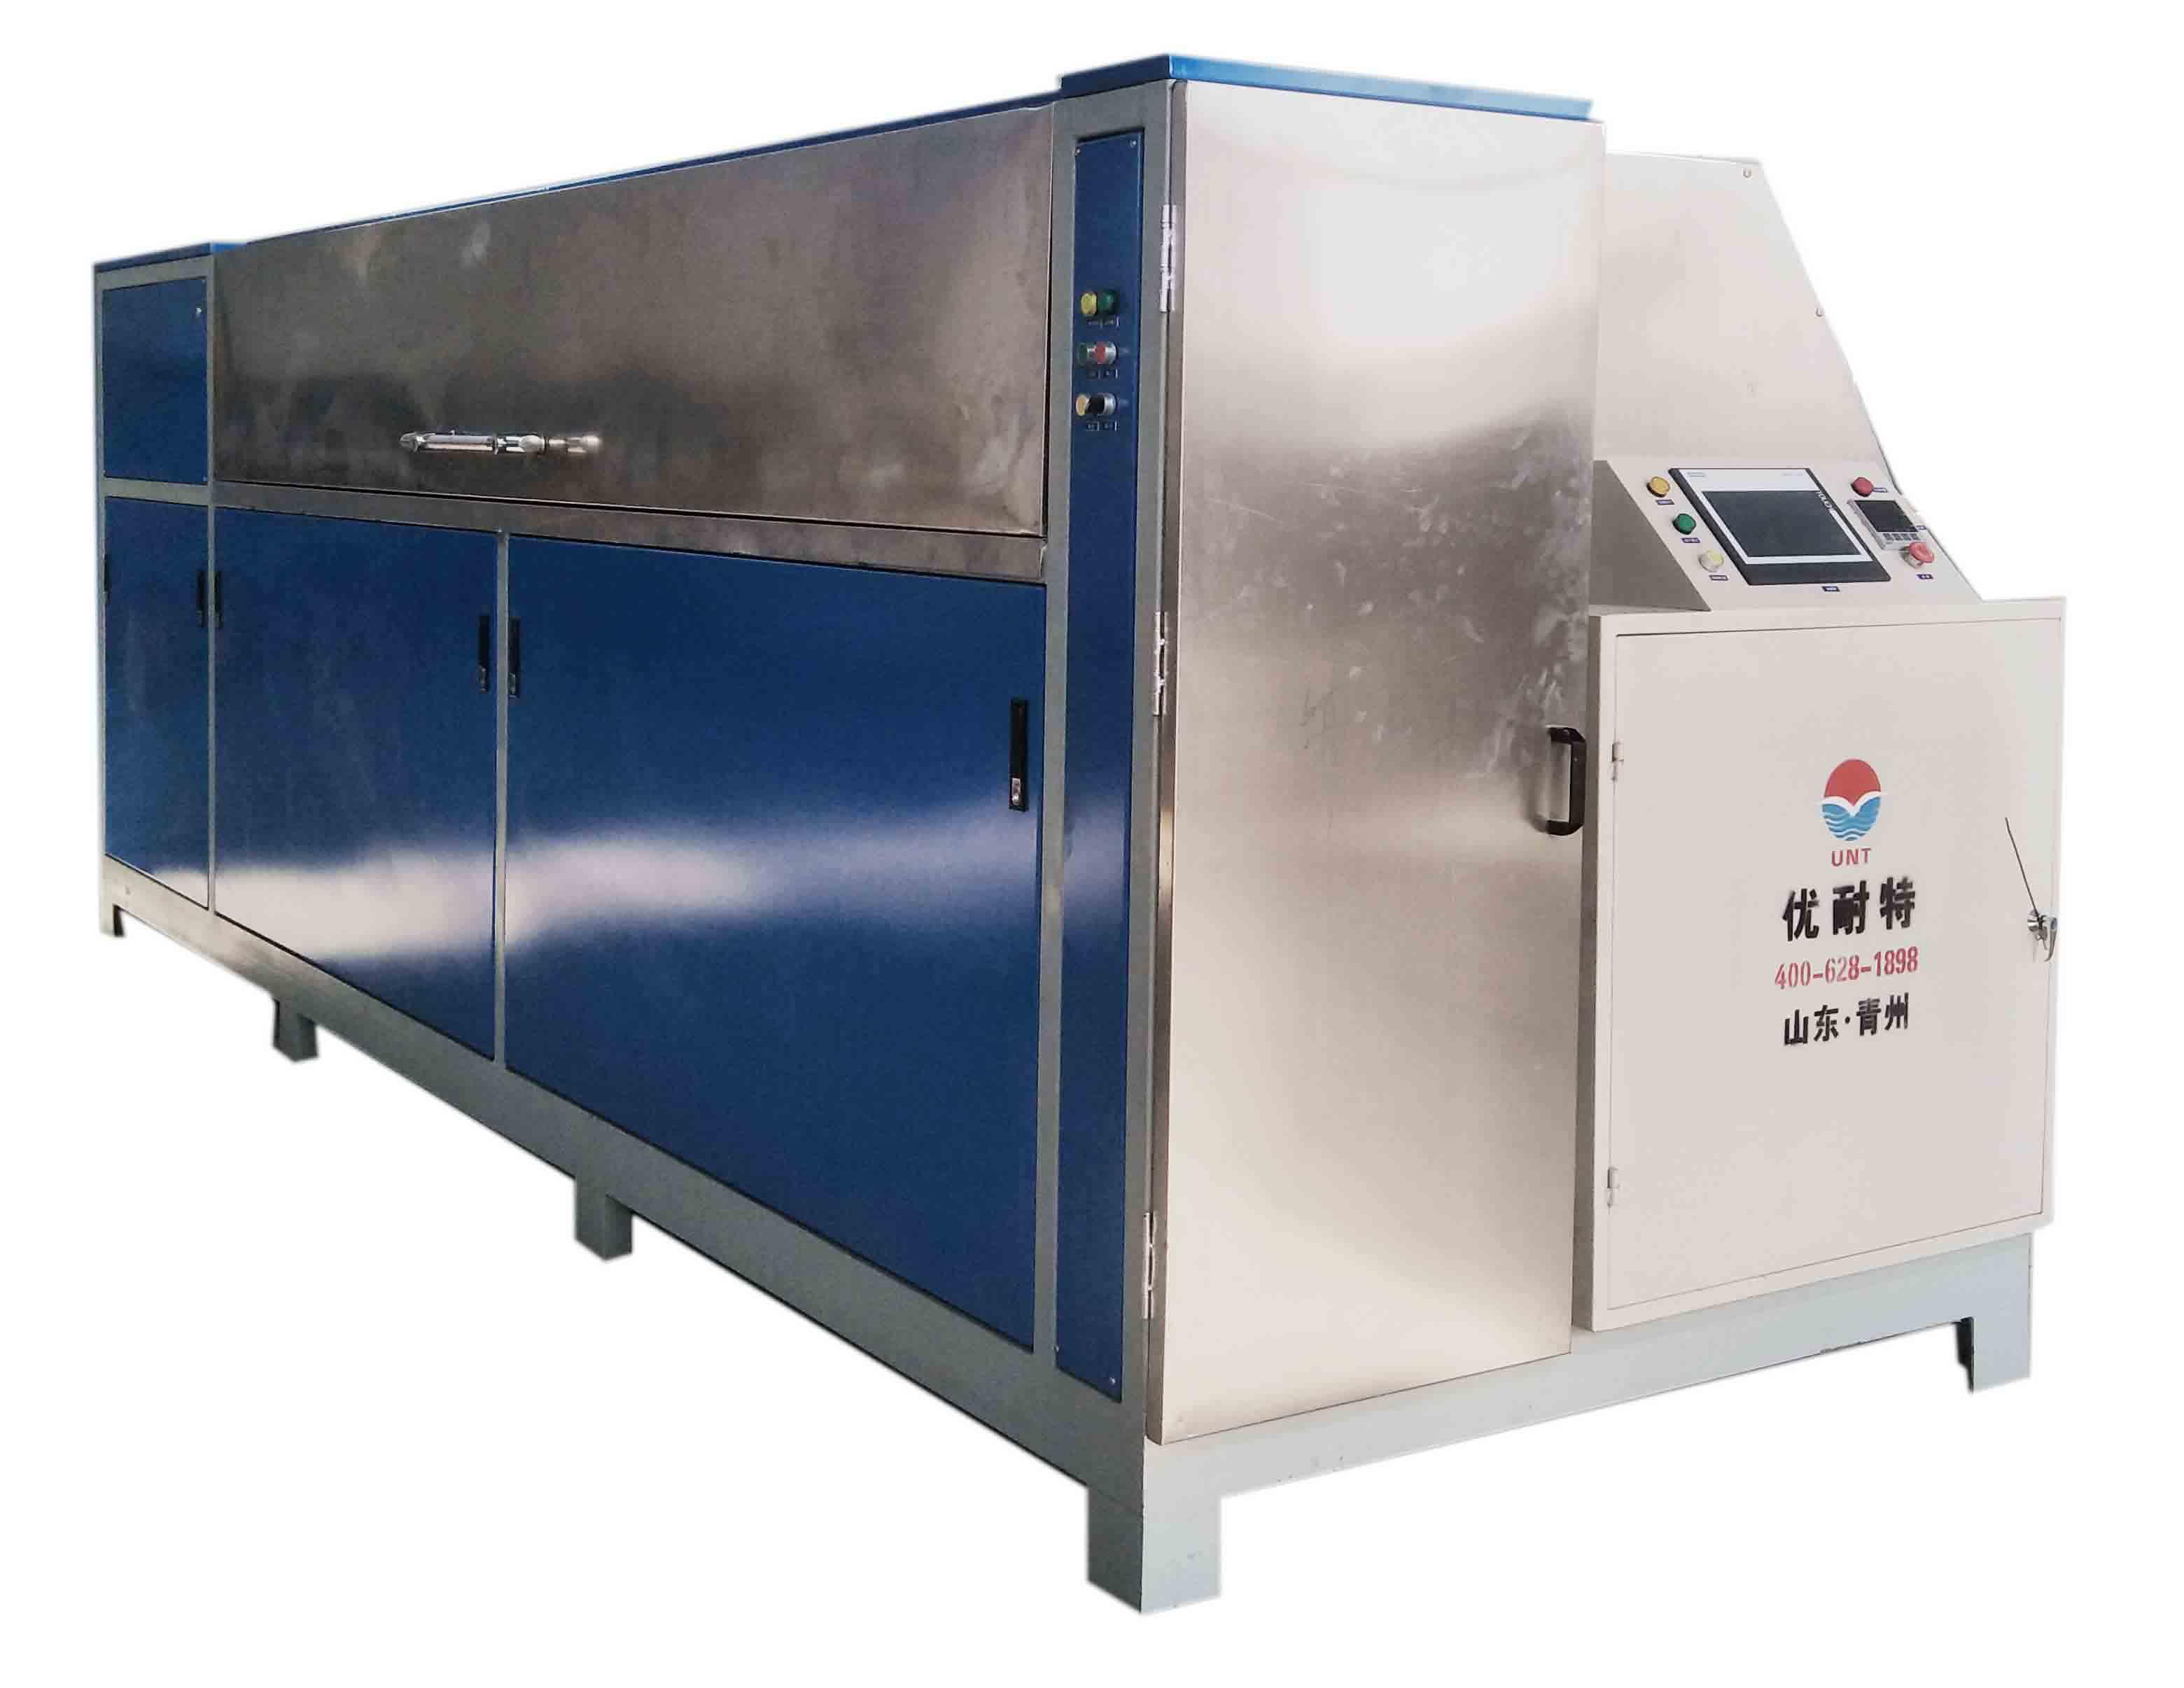 价位合理的优耐特镍网清洗机-质量超群的镍网除胶清洗机在哪买